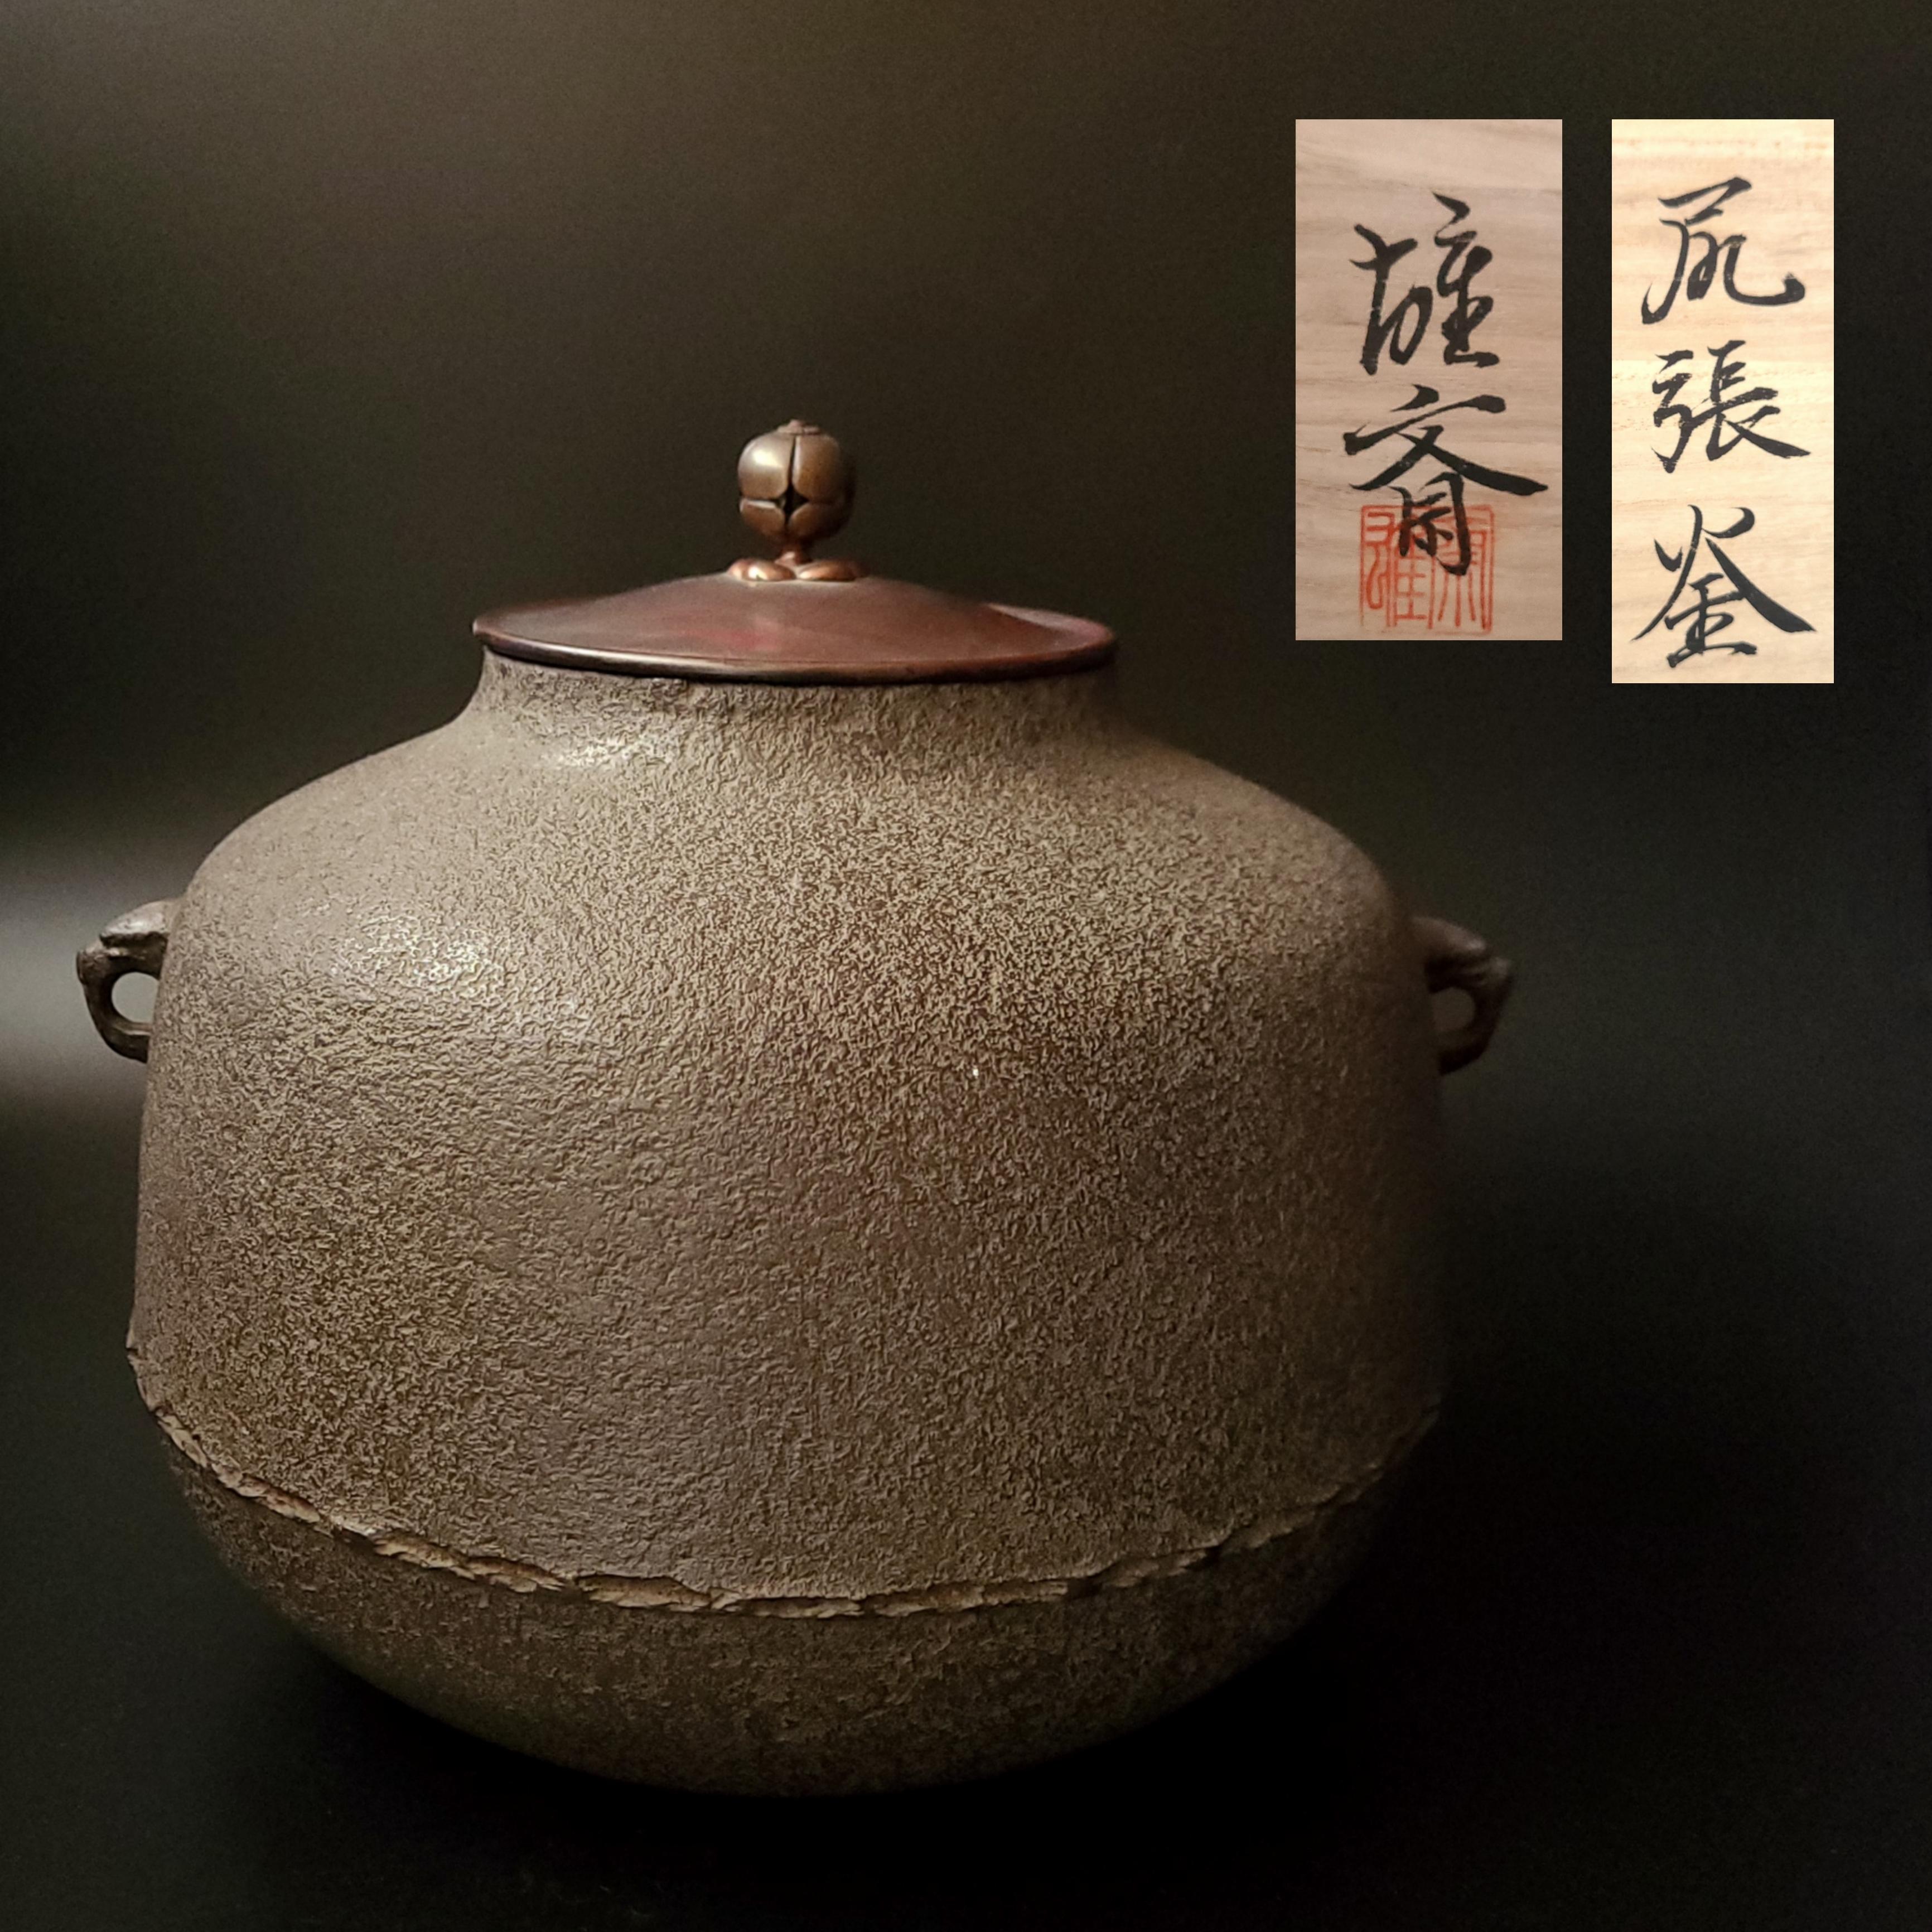 茶道具 尻張釜 阿部雄斎 共箱 状態良好 鋳物 工芸品 山形釜師 茶器